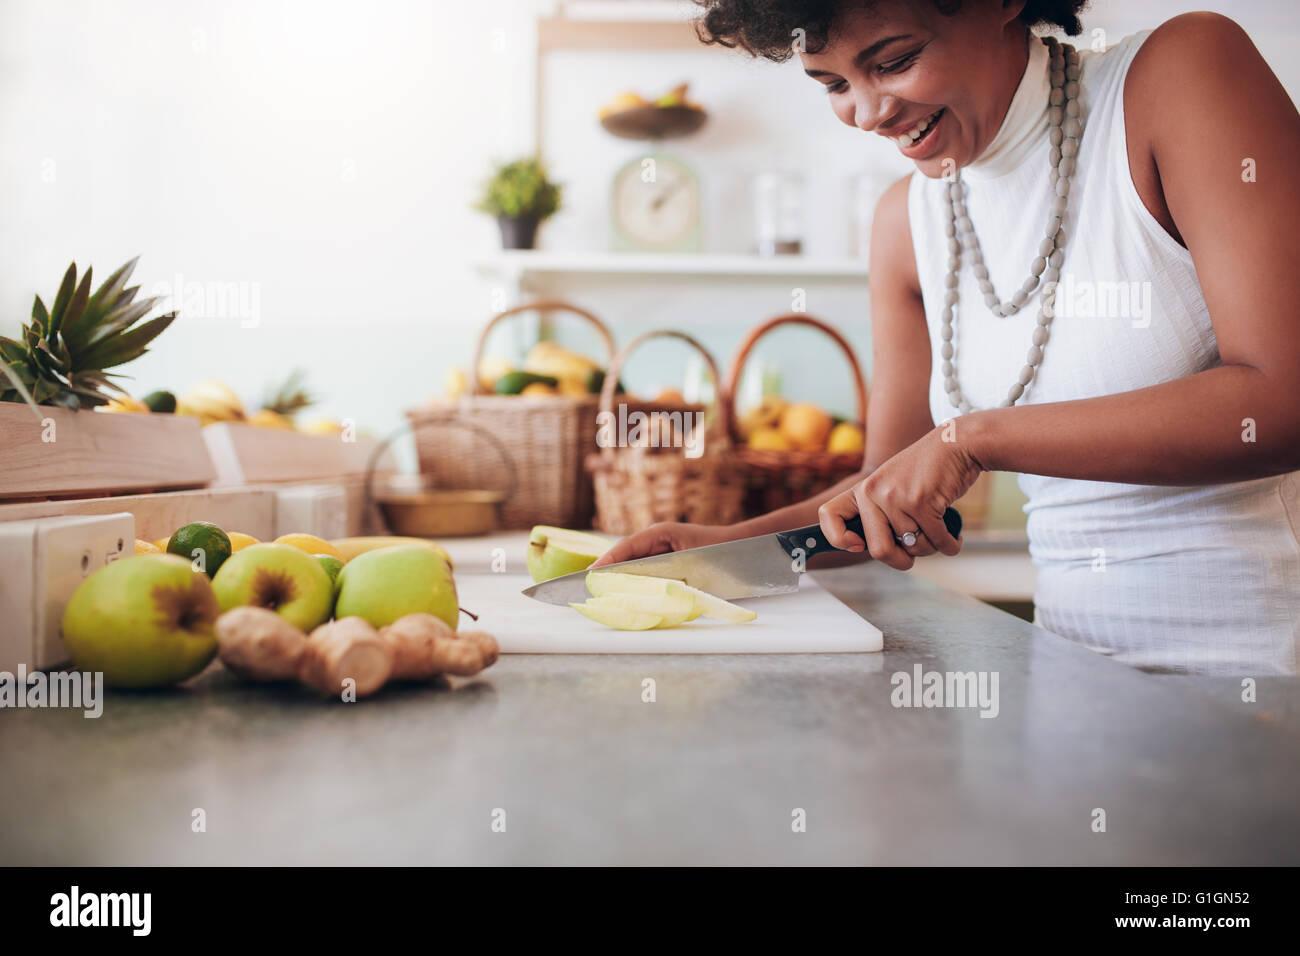 Attraktive junge Frau frisches Obst für Smoothie zerkleinern. Frauen arbeiten bei Saftbar. Stockbild